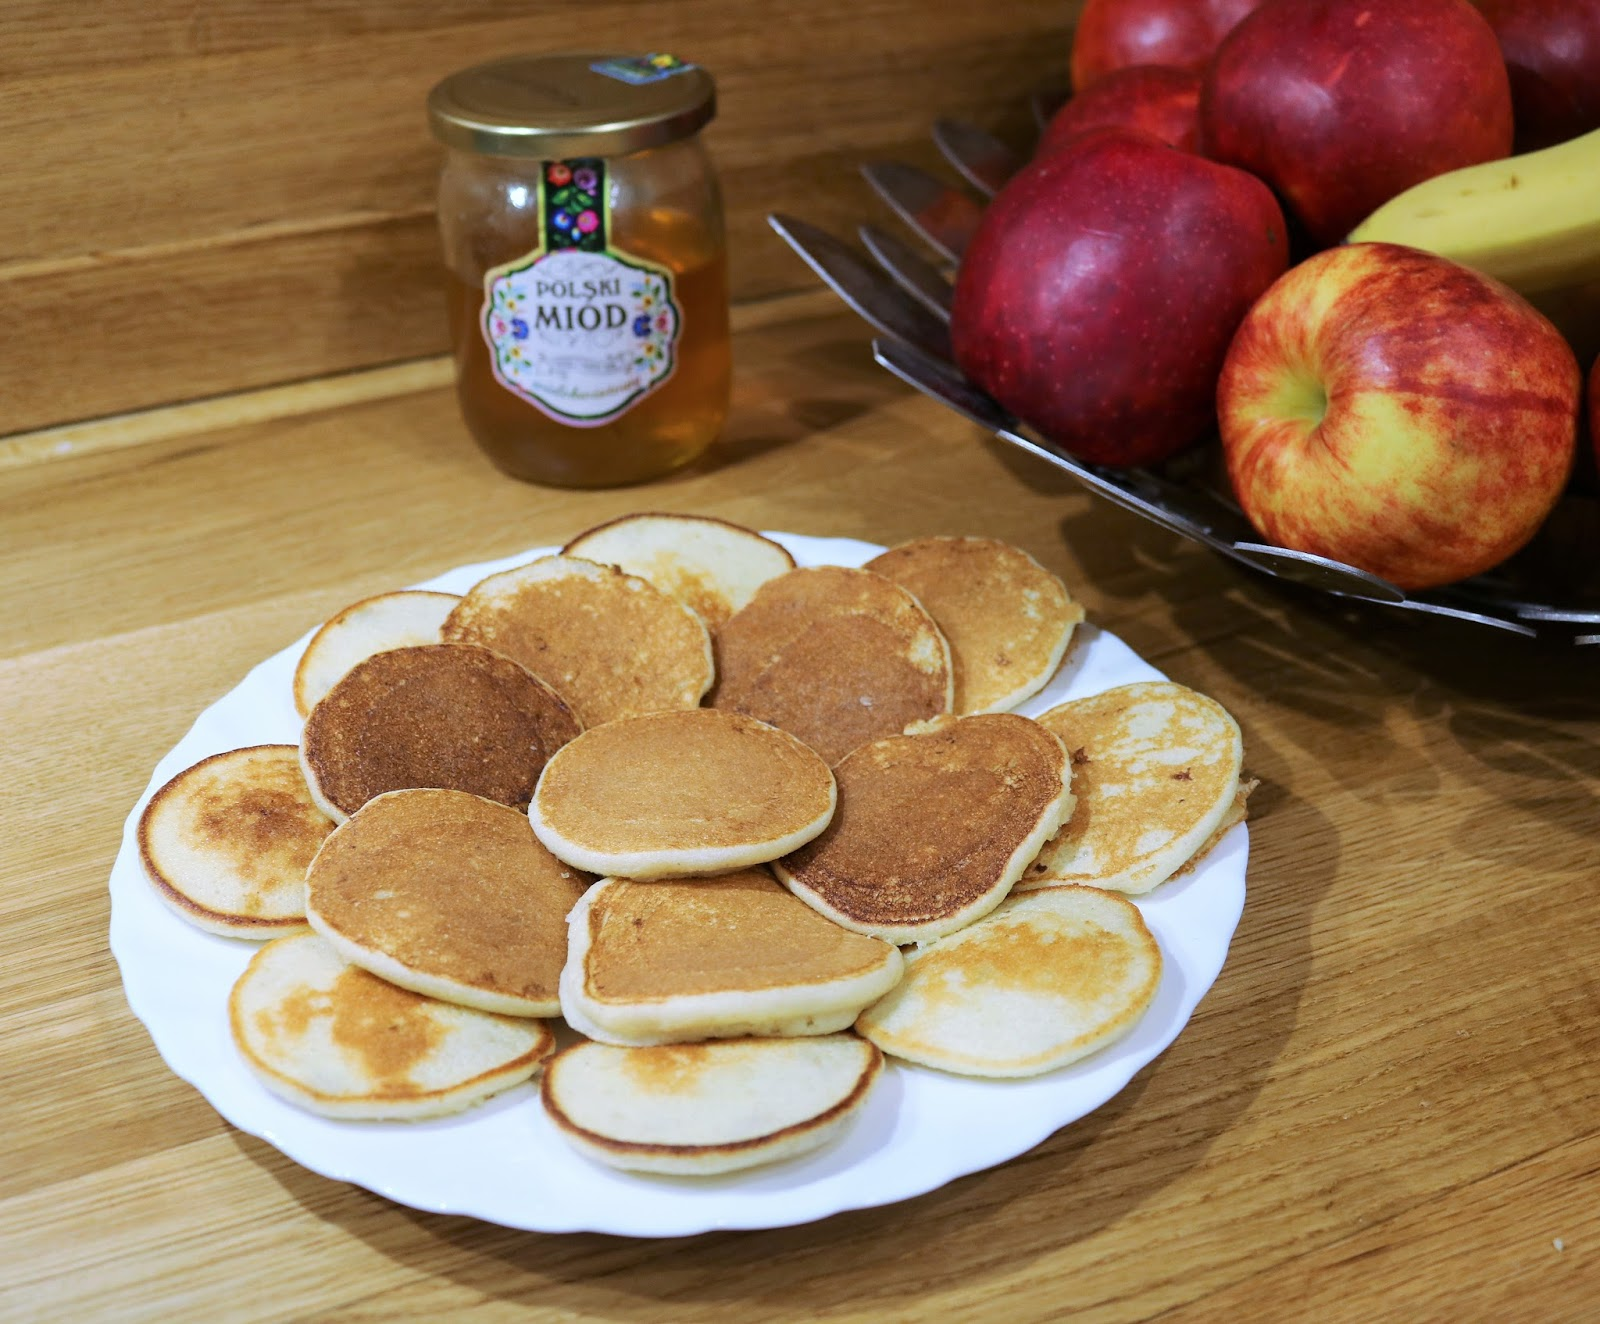 śniadanie deser dla niemowlakó dzieci